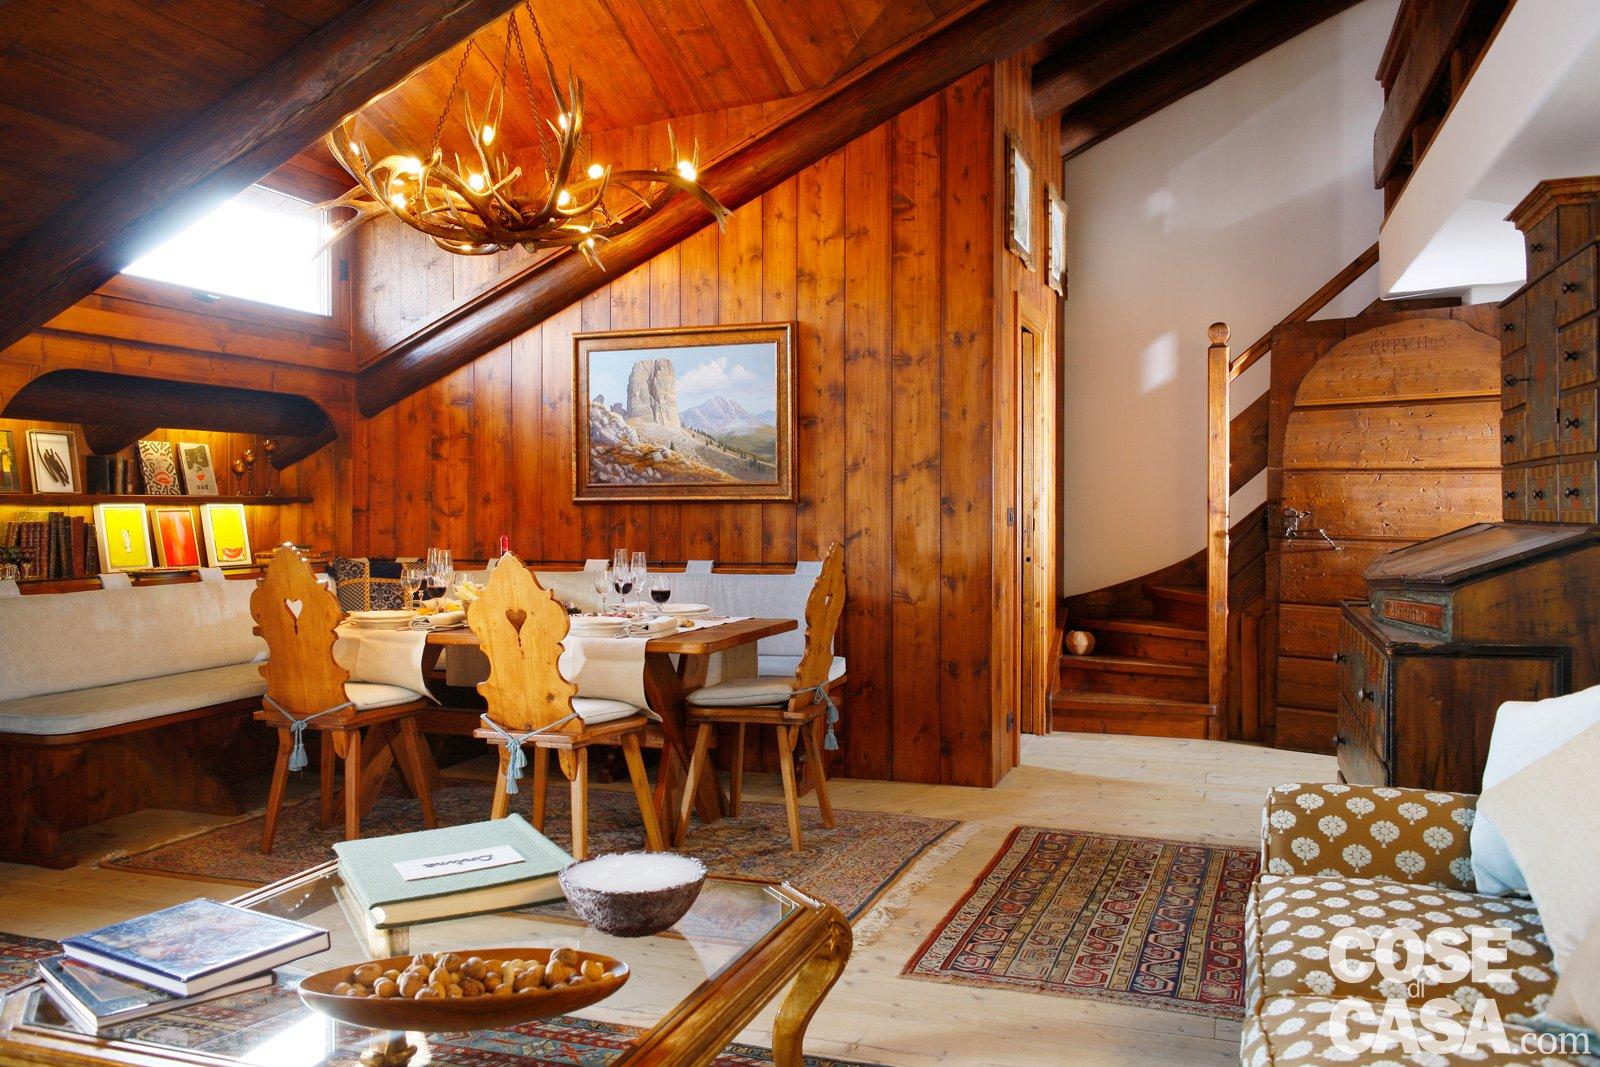 Case Di Montagna In Legno : Casa tradizionale di montagna in legno costruita da tronchi di